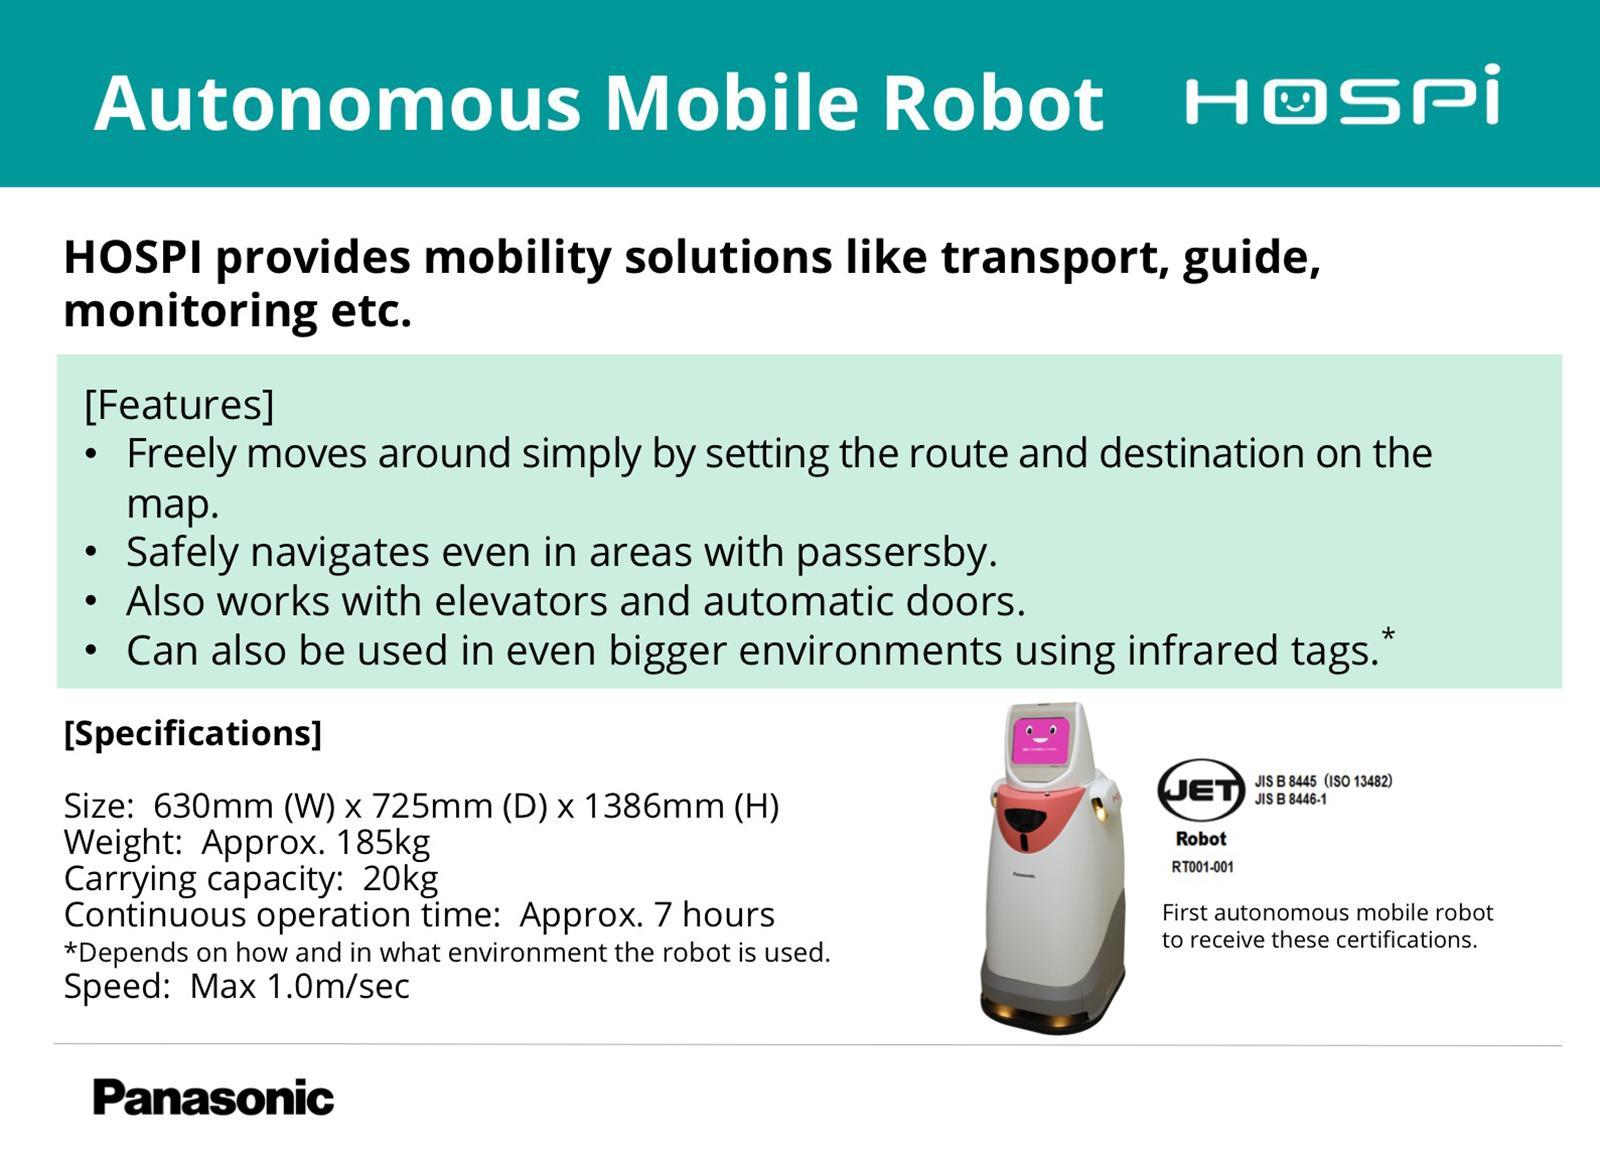 photo: Autonomous Mobile Robot HOSPI